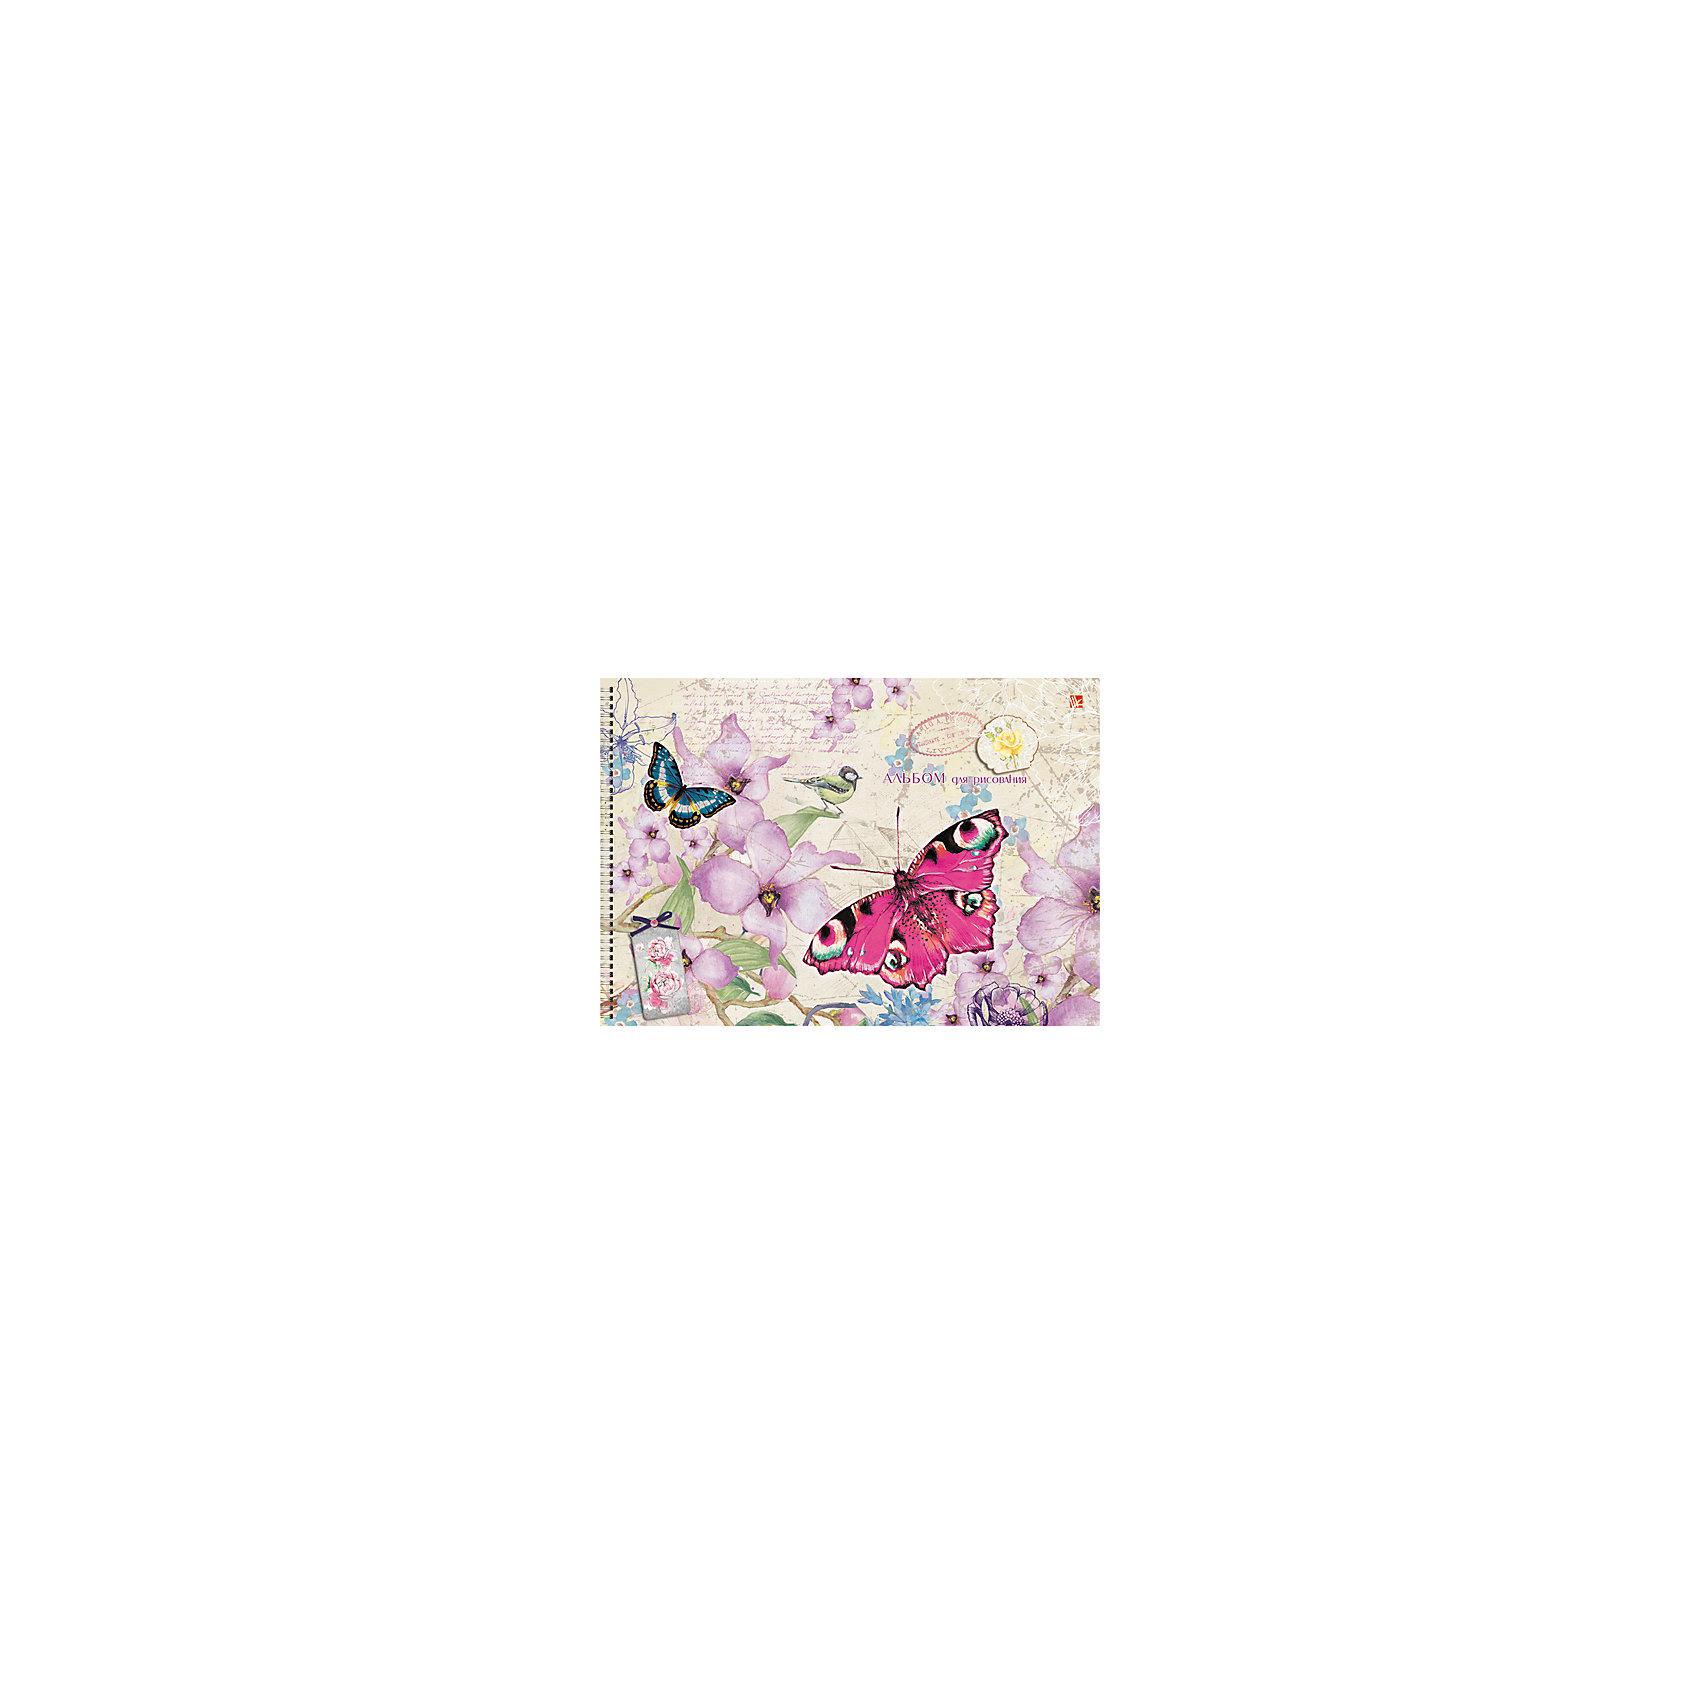 Альбом для рисования Цветы и бабочки, 40лАльбом для рисования Цветы и бабочки с очаровательным рисунком на обложке привлекут внимание и вызовут интерес к творчеству. Рисование хорошо развивает аккуратность, усидчивость и художественные навыки. Альбом из плотной бумаги с привлекательной обложкой - то, что нужно для первых картин будущего художника!<br><br>Дополнительная информация:<br>Количество листов: 40<br>Скрепление: скрепка<br>Обложка: мелованный картон, тиснение фольгой Золото, сплошной глянцевый лак<br>Бумага: офсет, плотностью 120 г/м2<br>Альбом для рисования Цветы и бабочки вы можете приобрести в нашем интернет-магазине.<br><br>Ширина мм: 210<br>Глубина мм: 297<br>Высота мм: 13<br>Вес г: 314<br>Возраст от месяцев: 72<br>Возраст до месяцев: 144<br>Пол: Унисекс<br>Возраст: Детский<br>SKU: 4942445